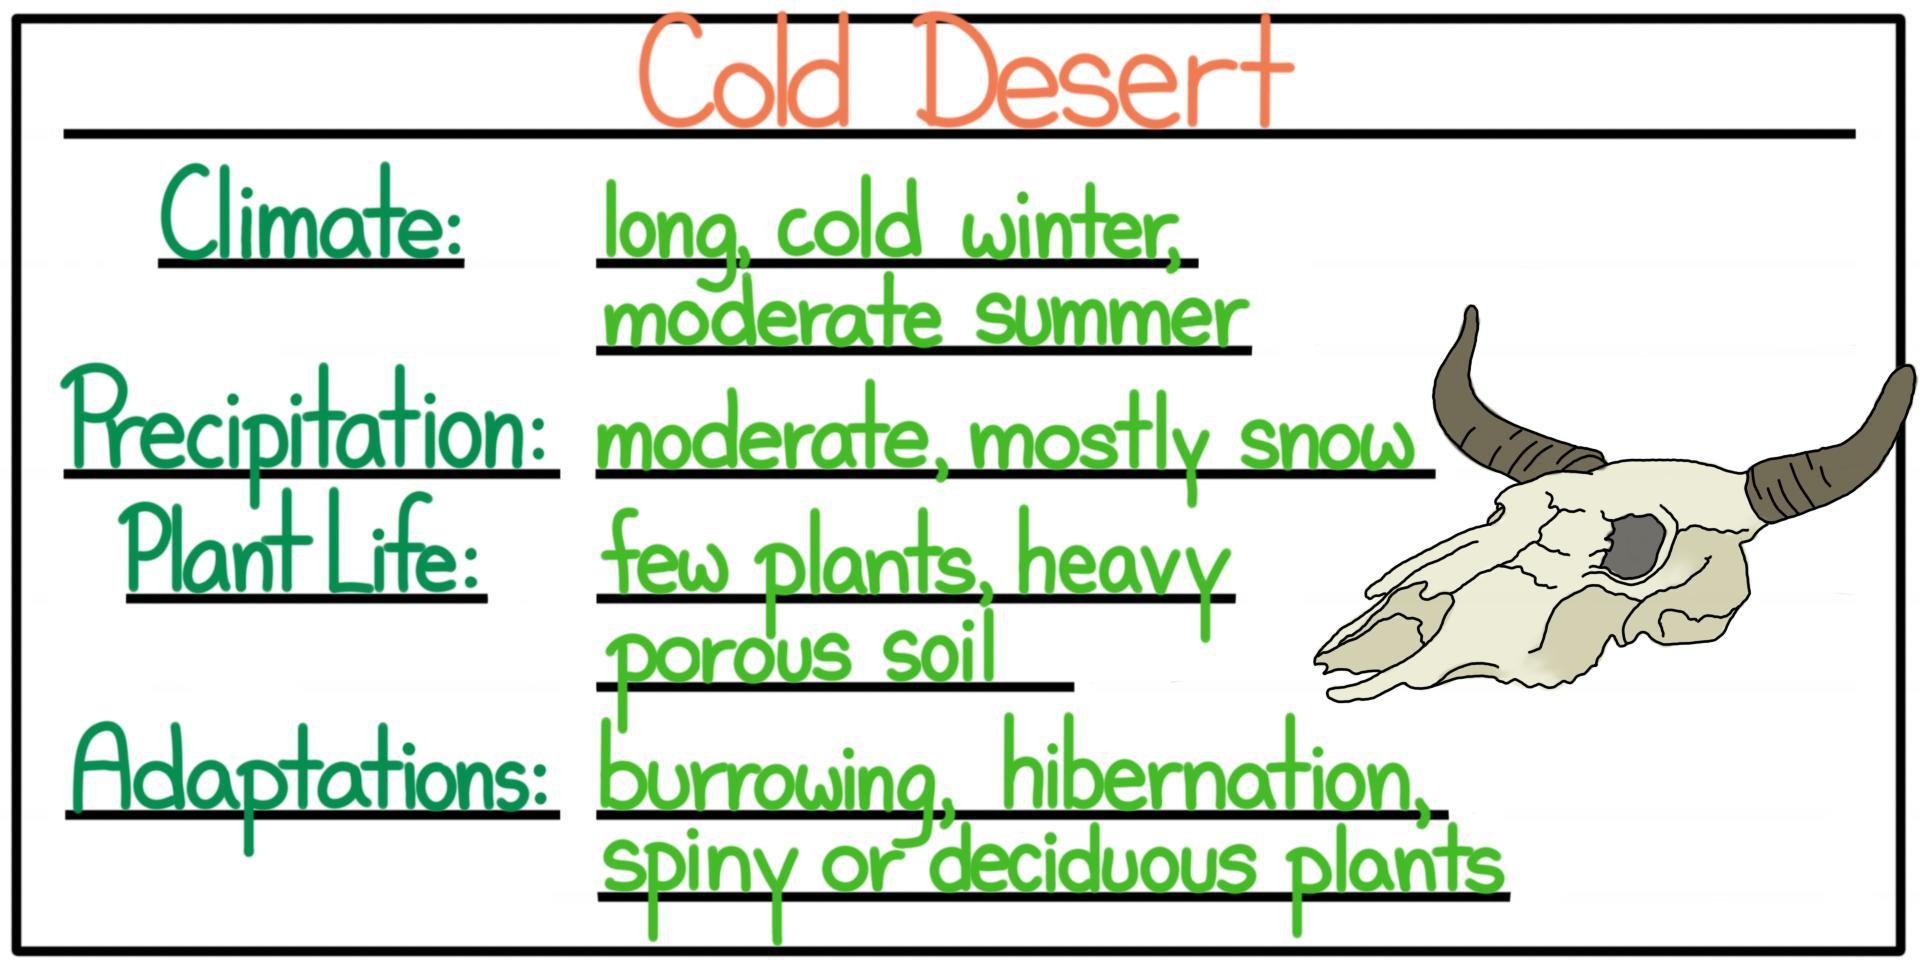 define cold desert